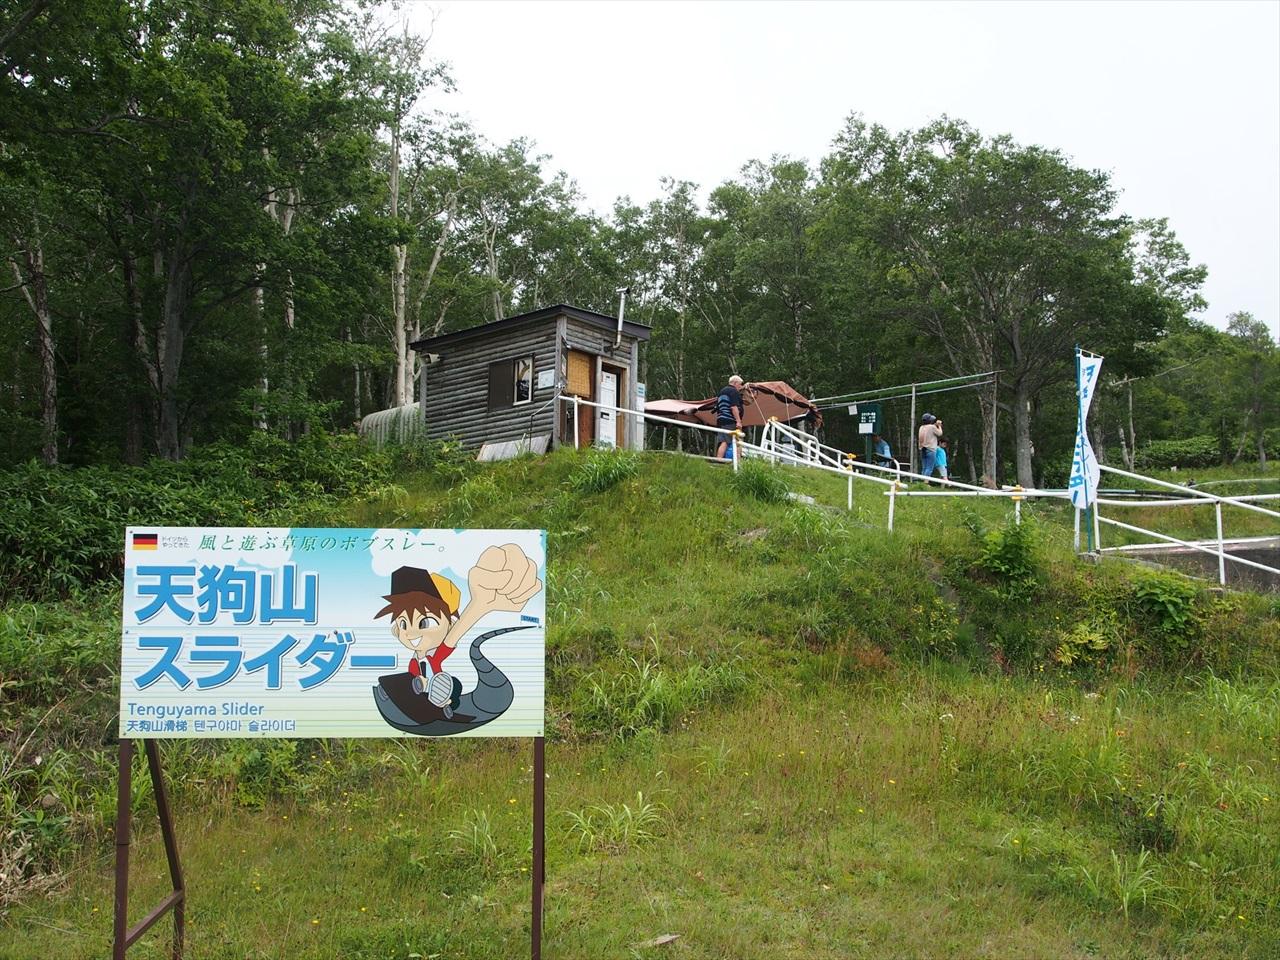 天狗山スライダー